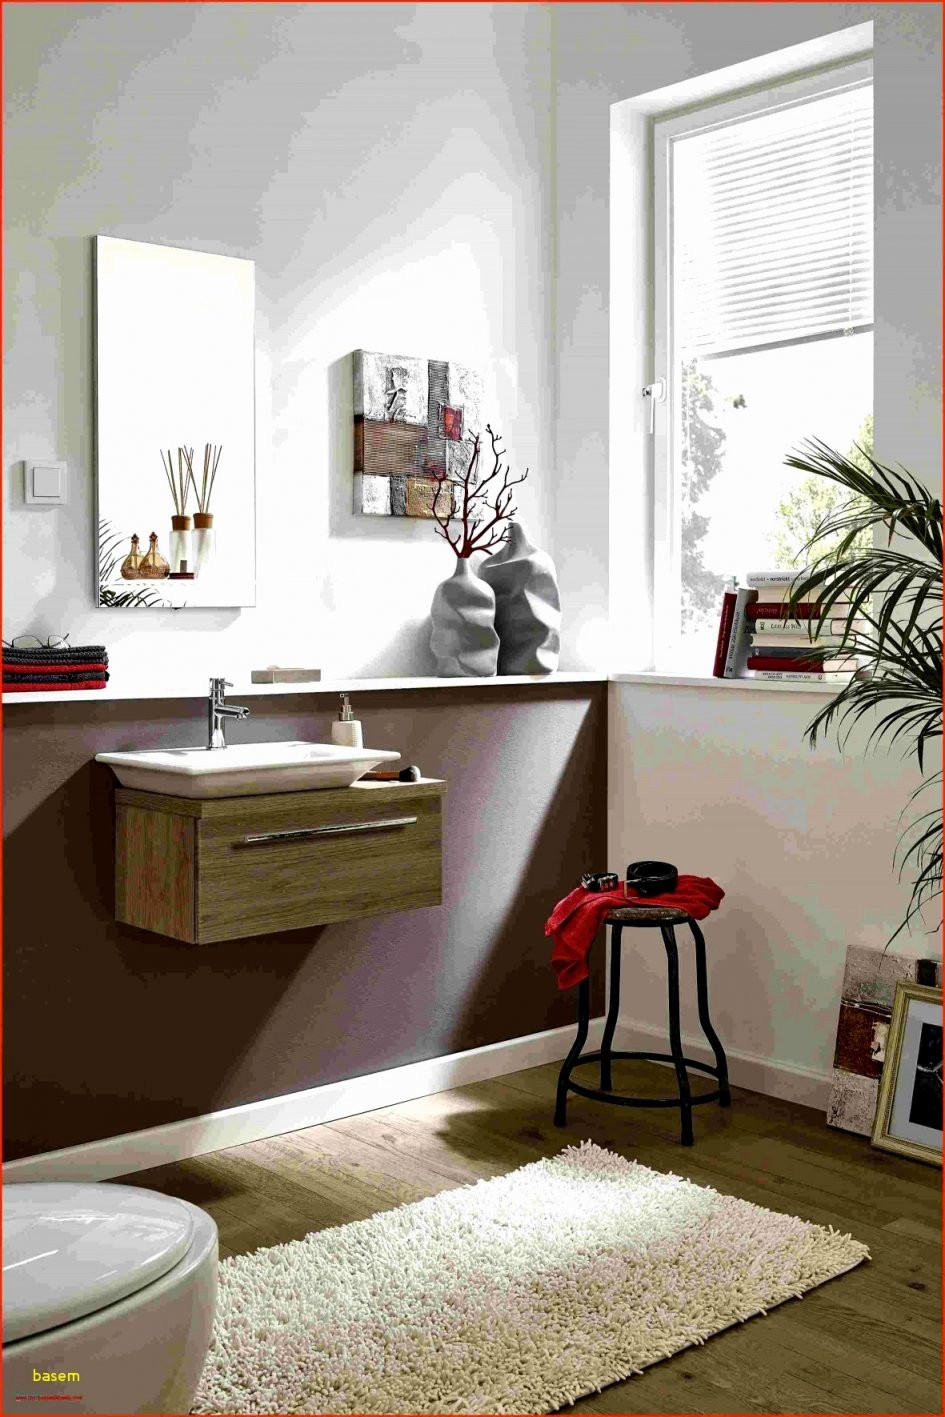 53 Bild Bild Von Badezimmer Rustikal Und Trotzdem Cool  Haus Ideen von Badezimmer Rustikal Und Trotzdem Cool Photo